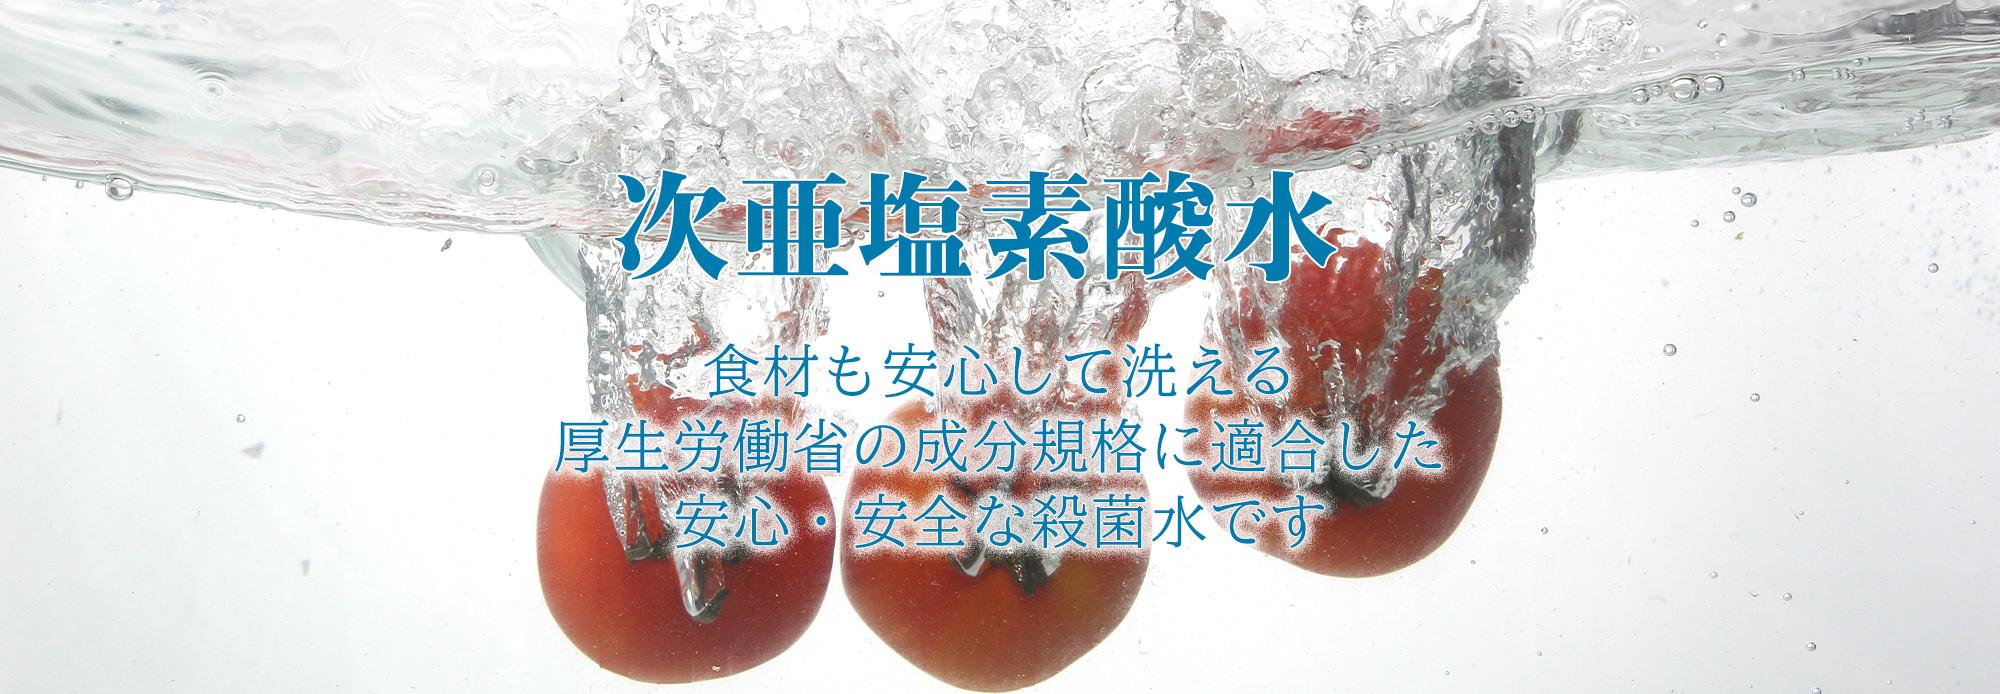 次亜塩素酸水。食材も安心して洗える、厚生労働省の成分規格に適合した安心・安全な殺菌水です